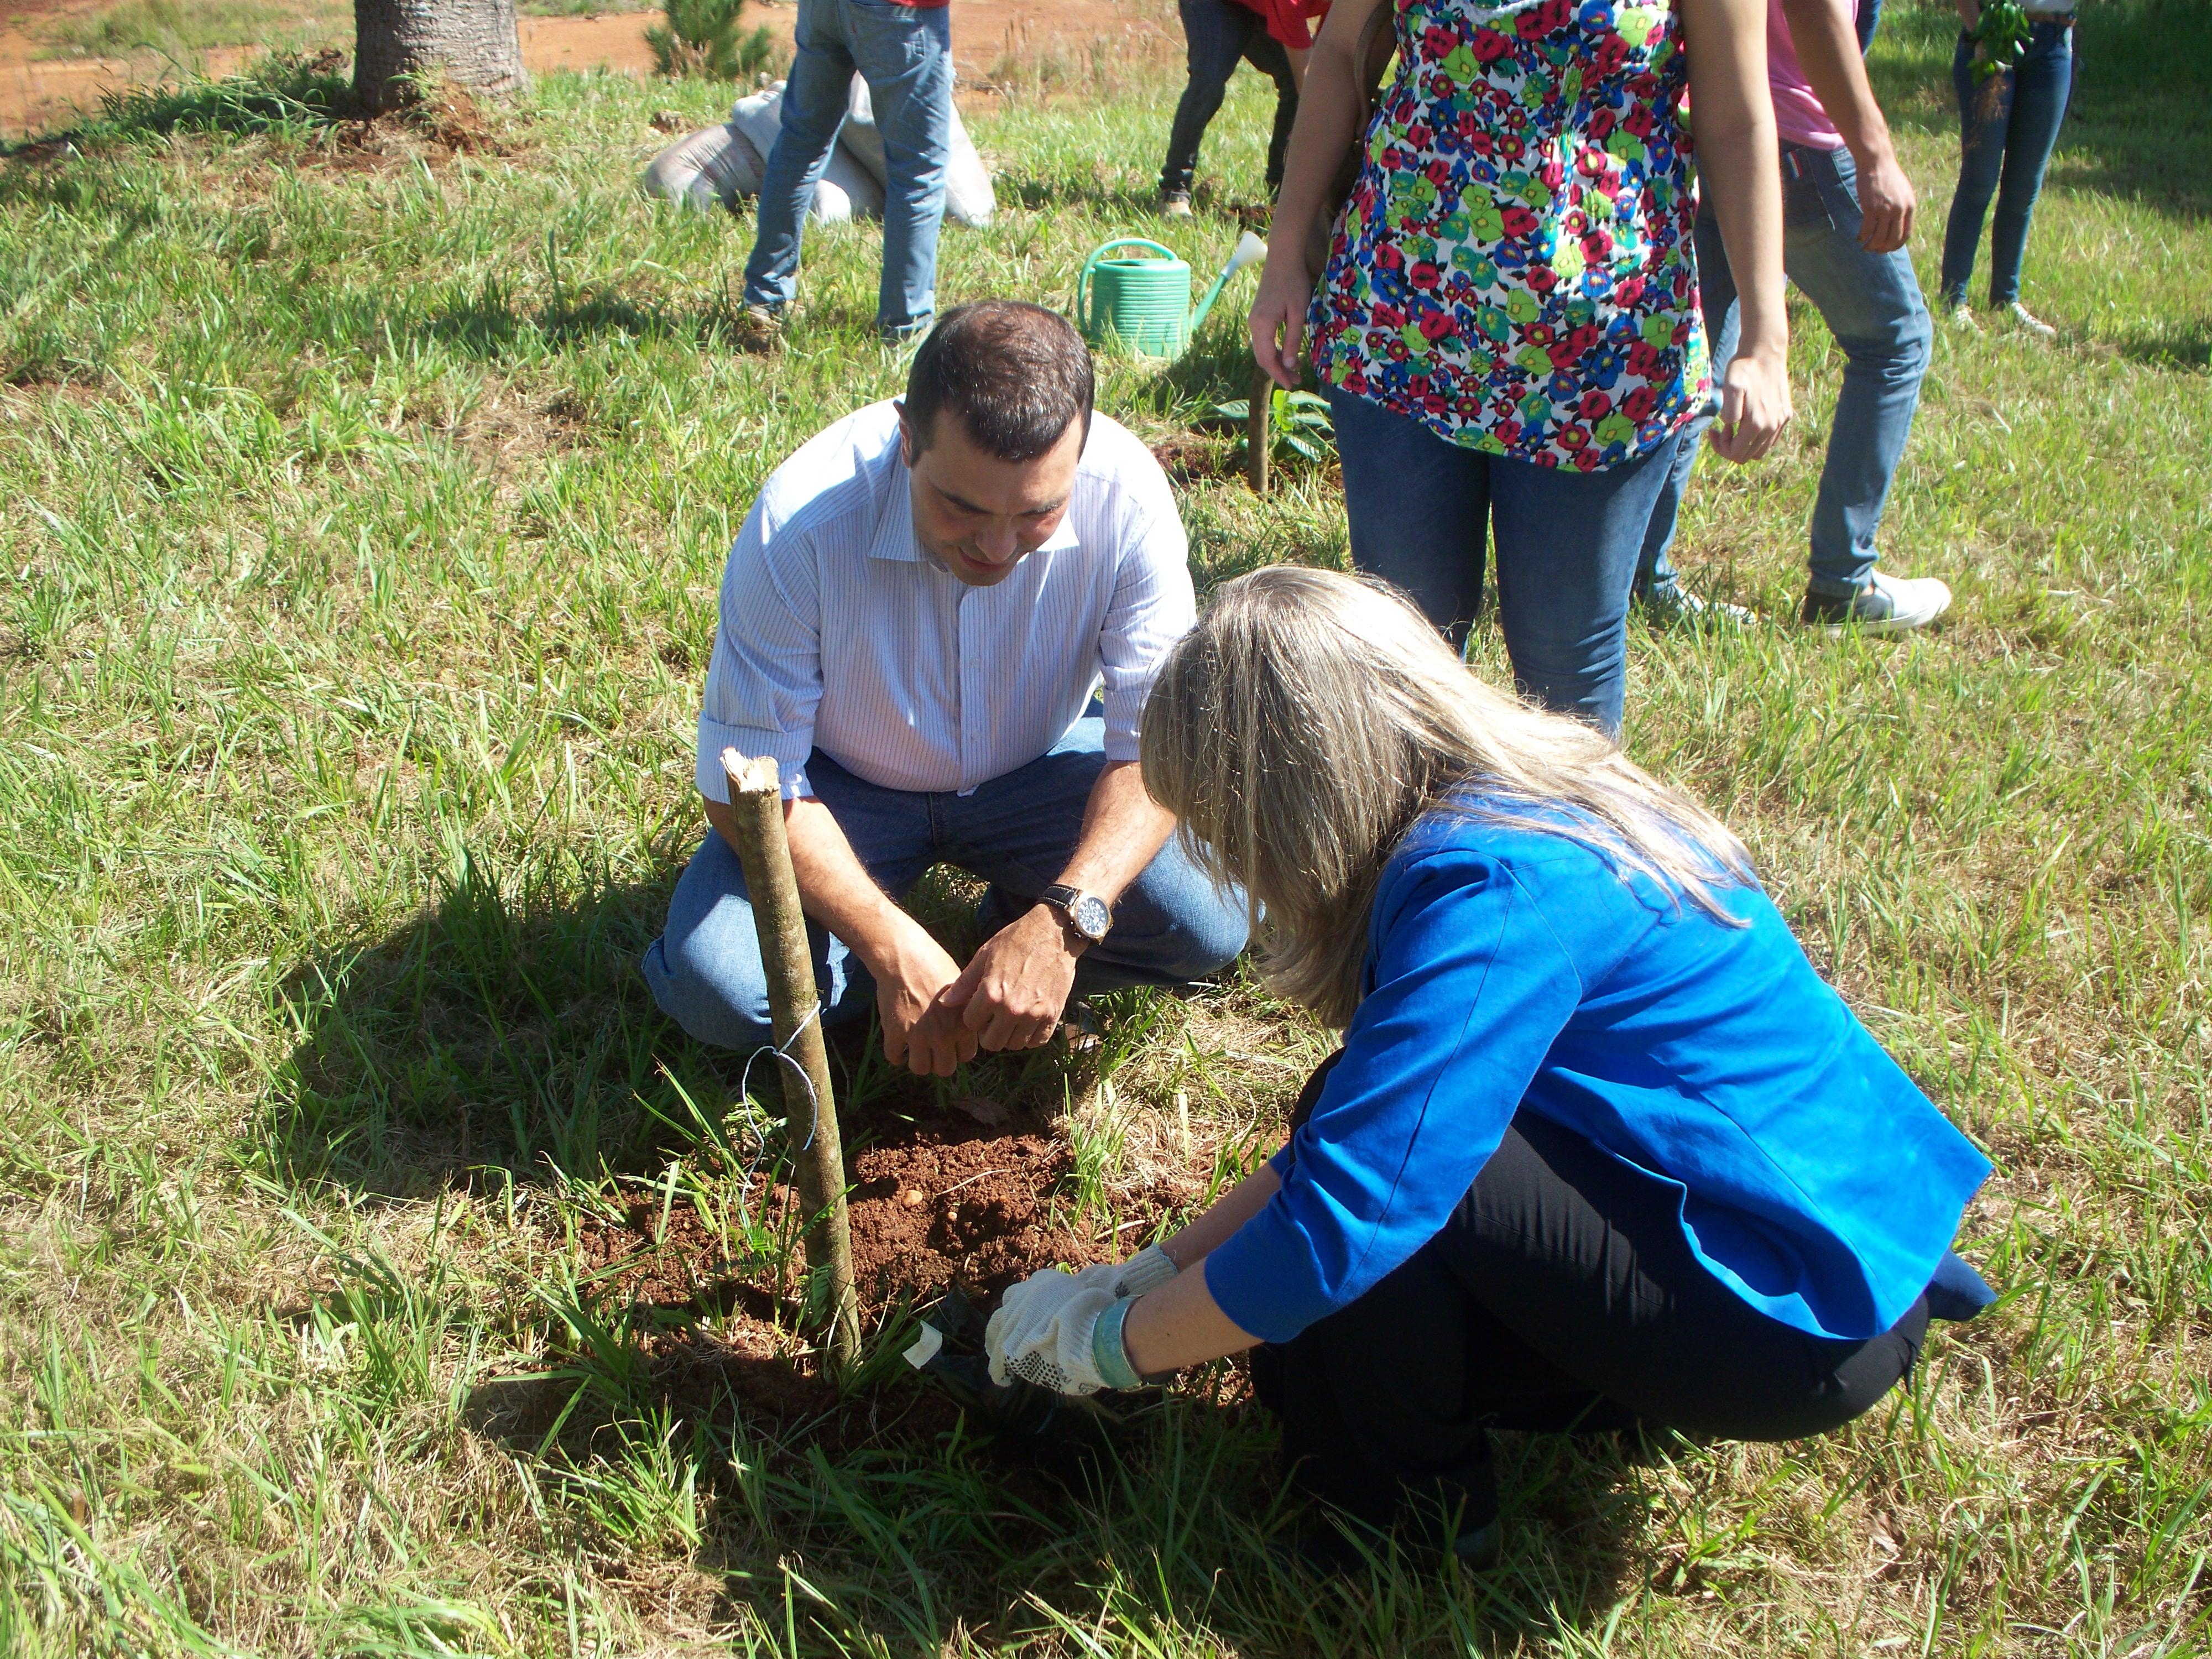 En el Campus de la UNaM plantaron árboles para difundir la conciencia ambiental